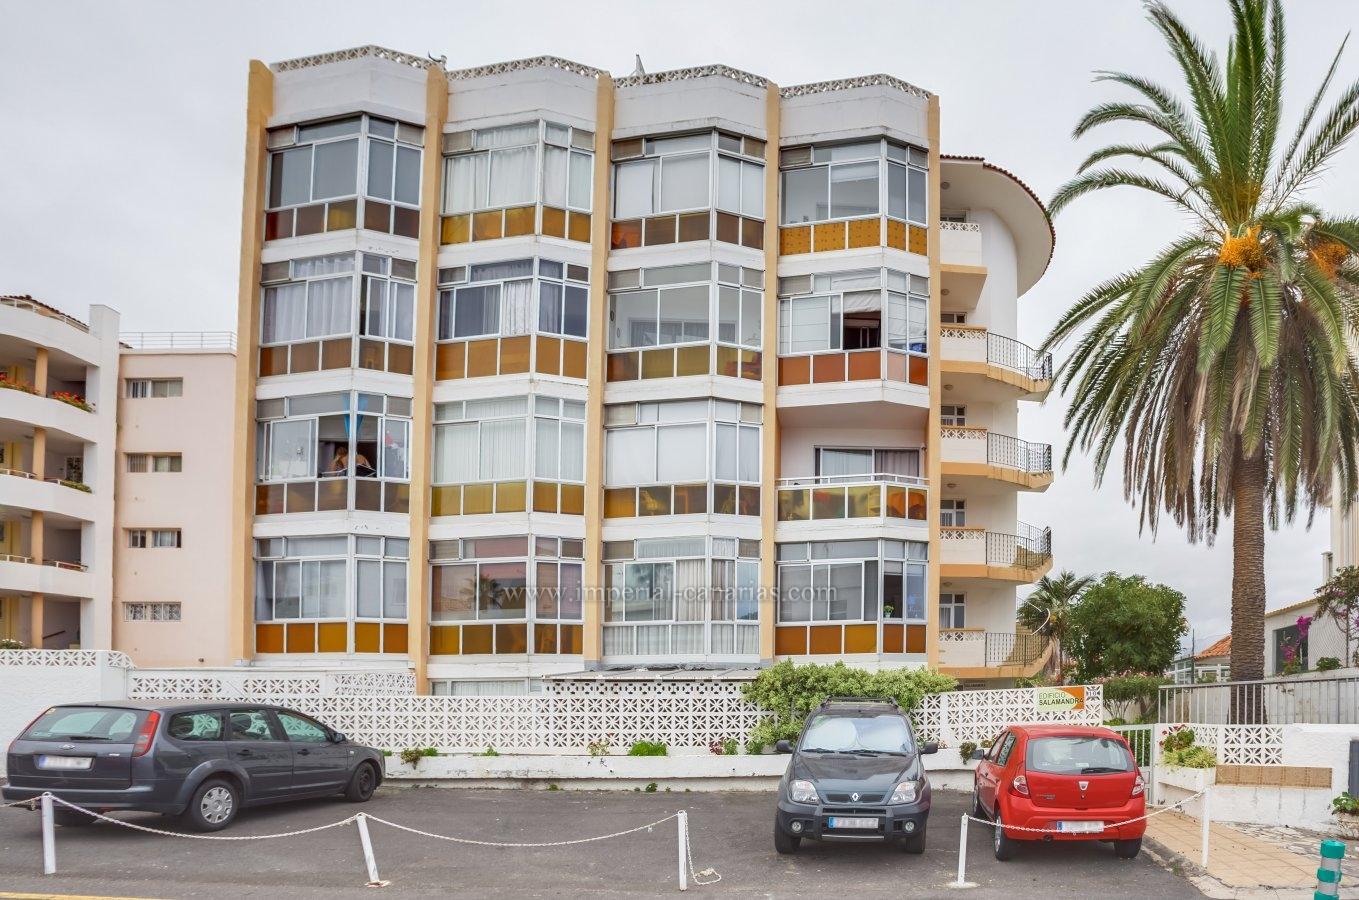 Schönes Studio, ideal als Investition, Gegend von La Paz!